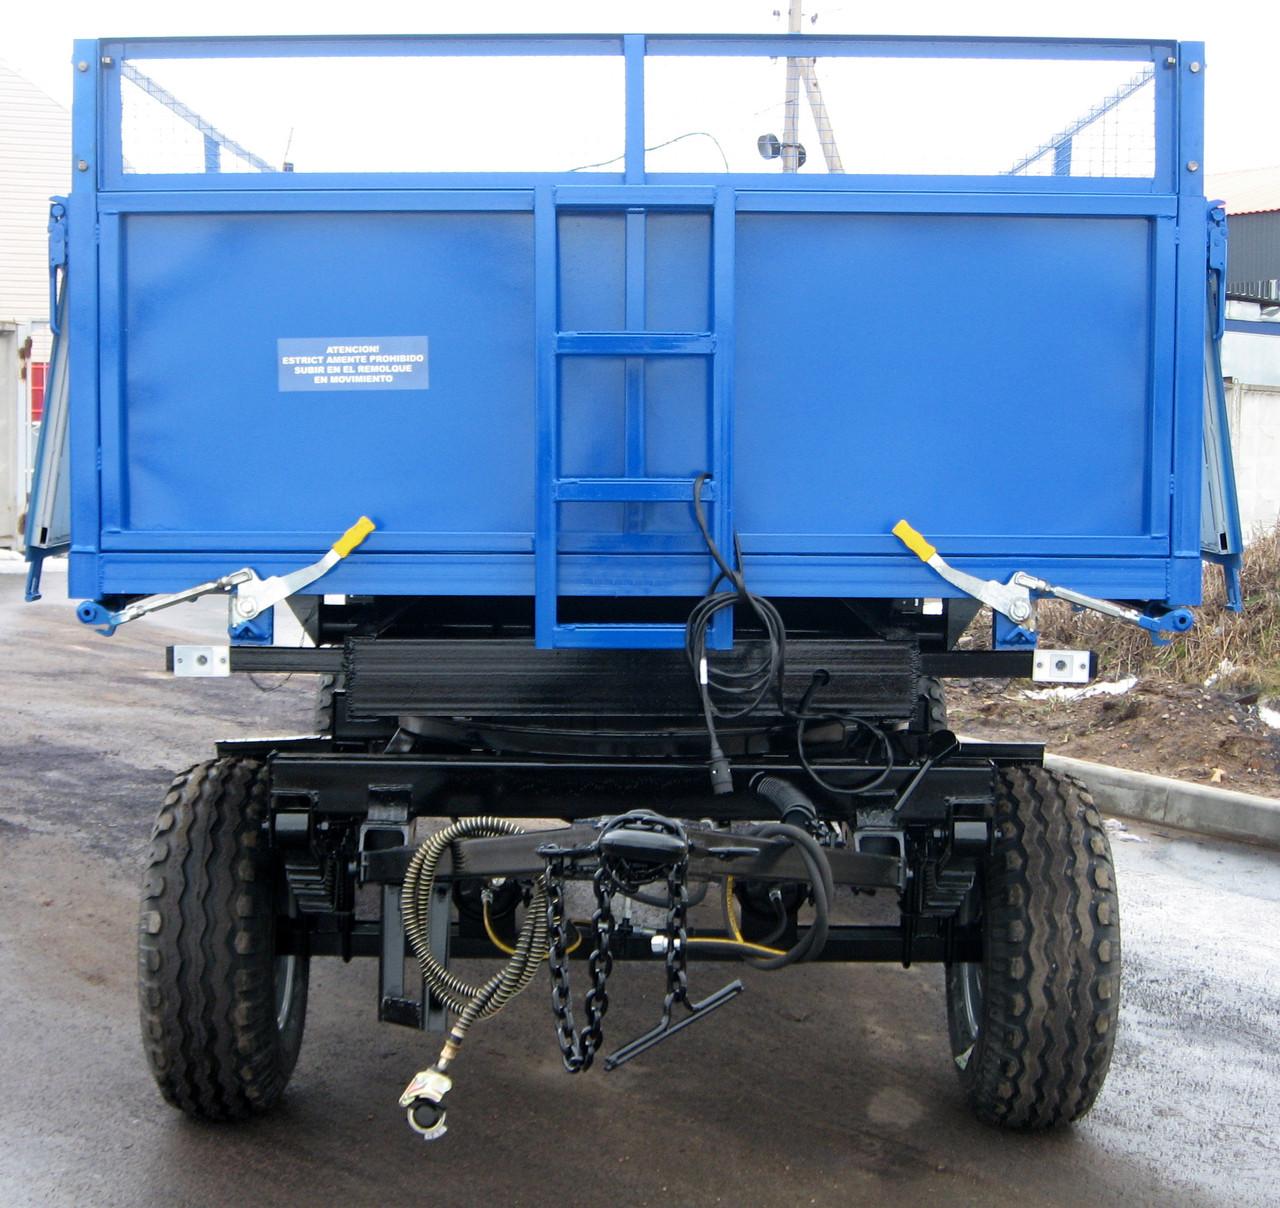 Прицеп самосвальный тракторный 2ПТС-6,5 для перевозки зерновых культур